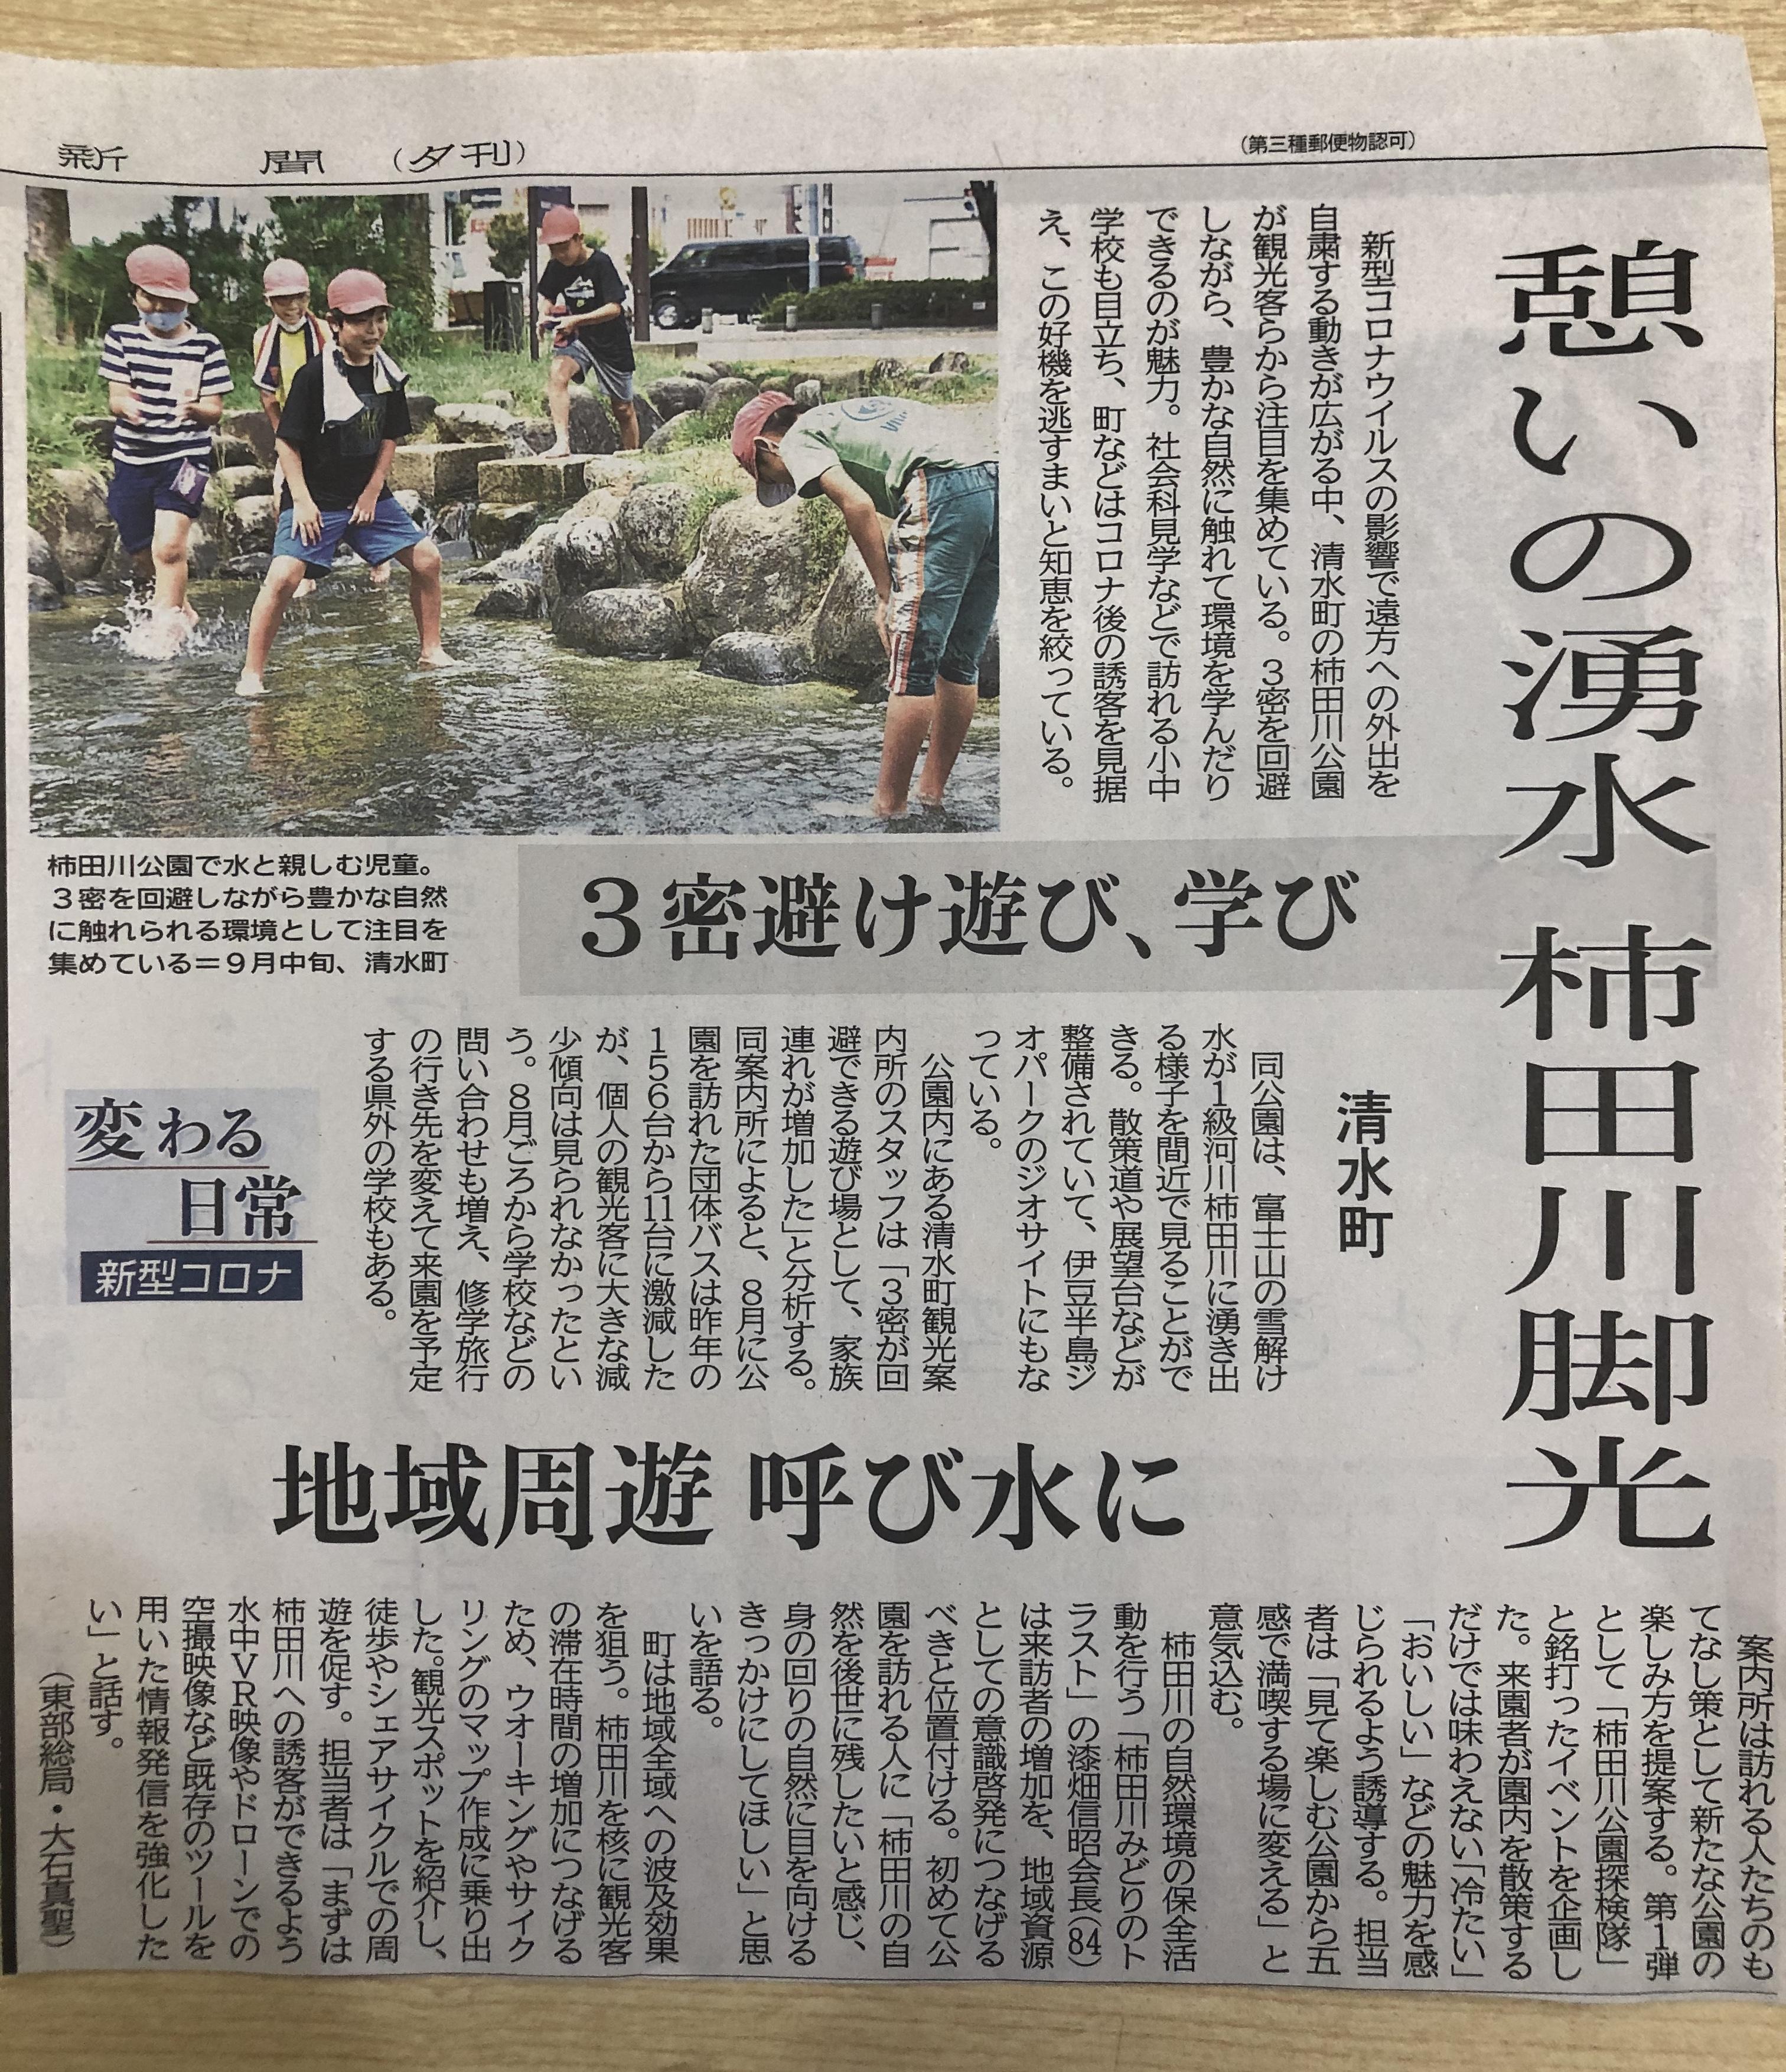 憩いの湧水 柿田川